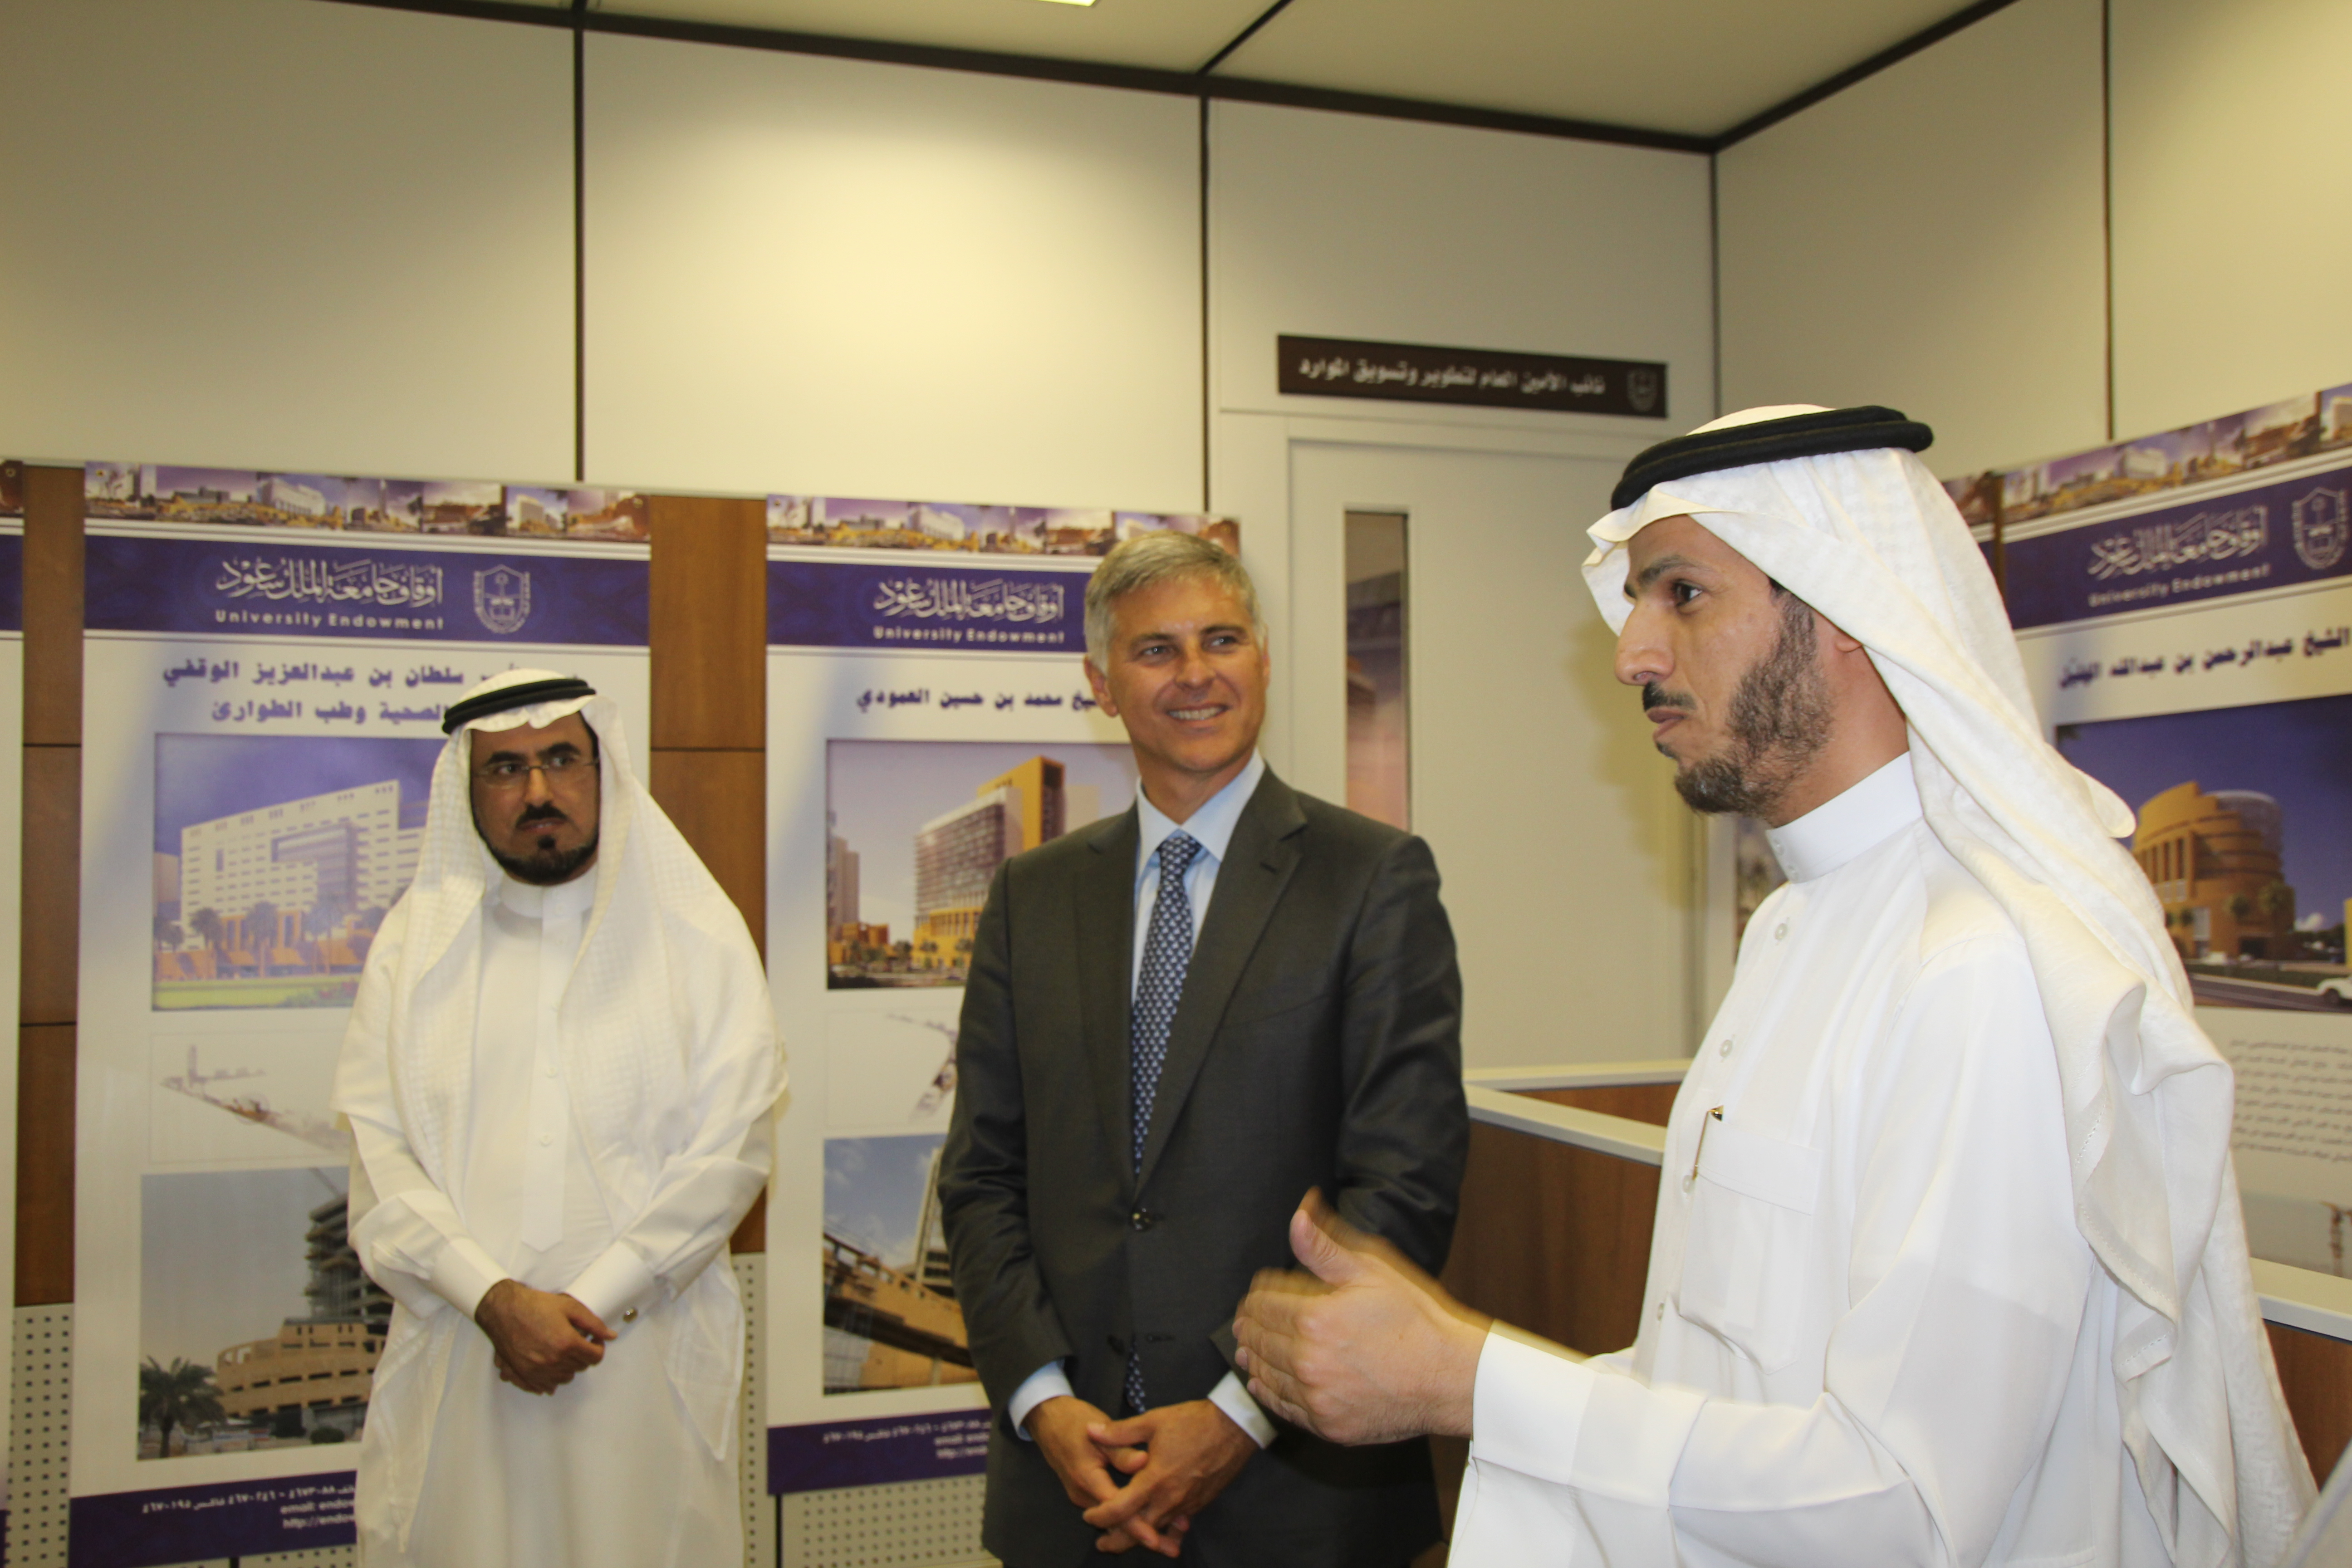 وكيل جامعة الملك سعود يستقبل رئيس شركة «هيلتون العالمية»